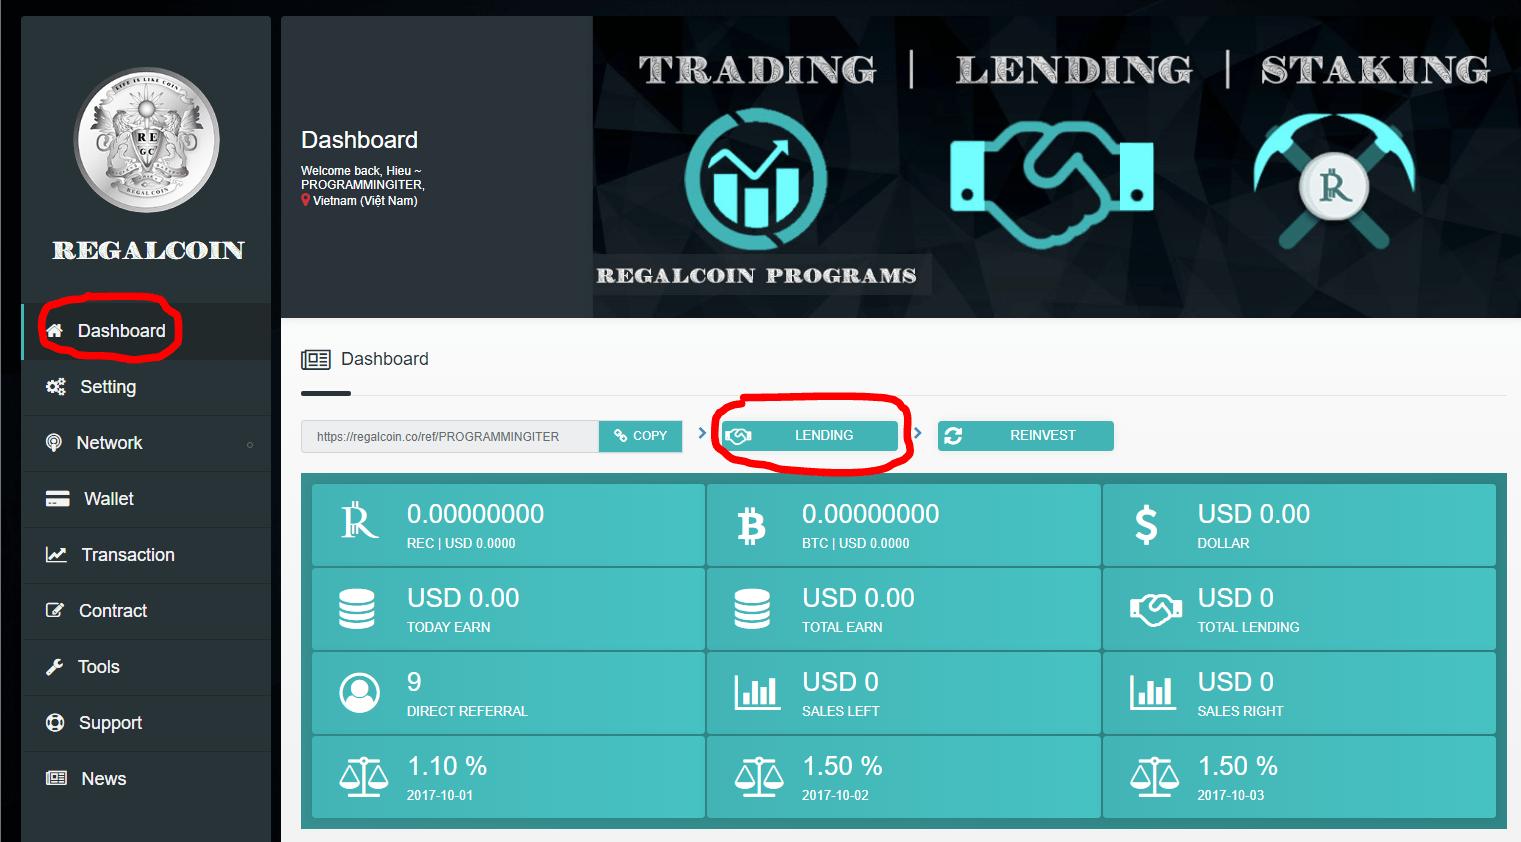 Tiến hành Lending RegalCoin